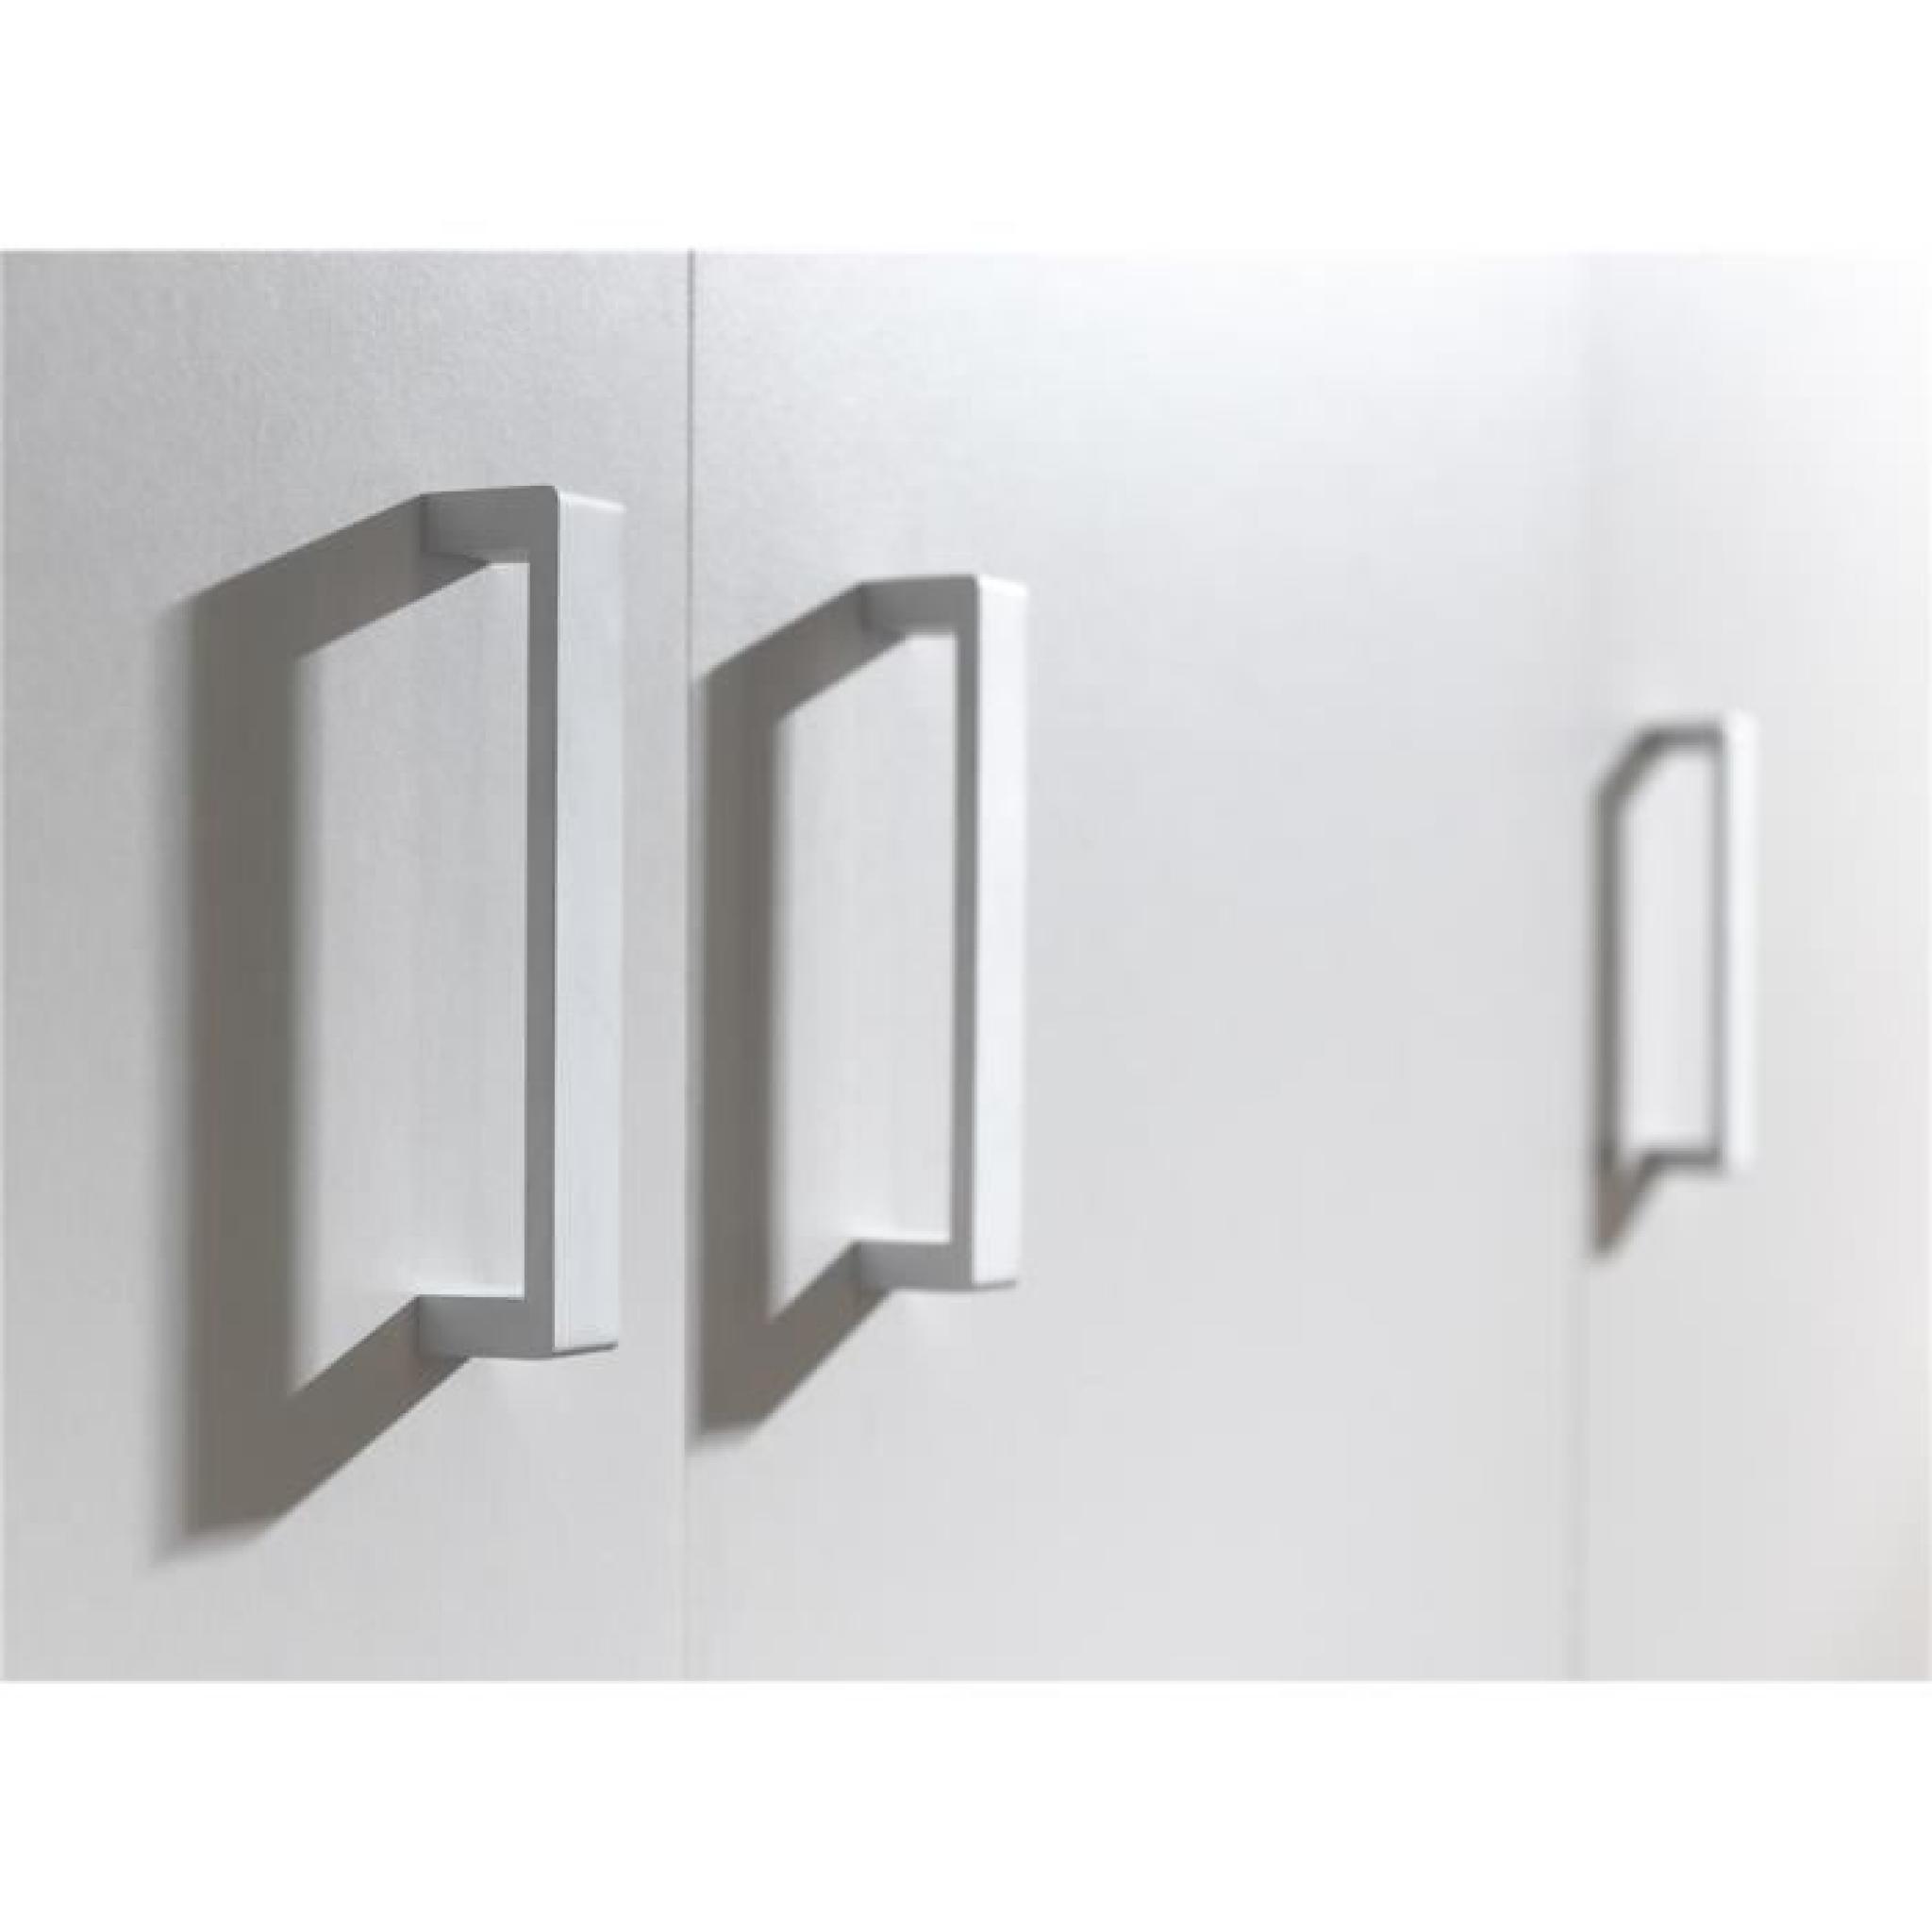 Milan armoire 2 portes blanche achat vente armoire de chambre pas cher co - Armoir blanche pas cher ...